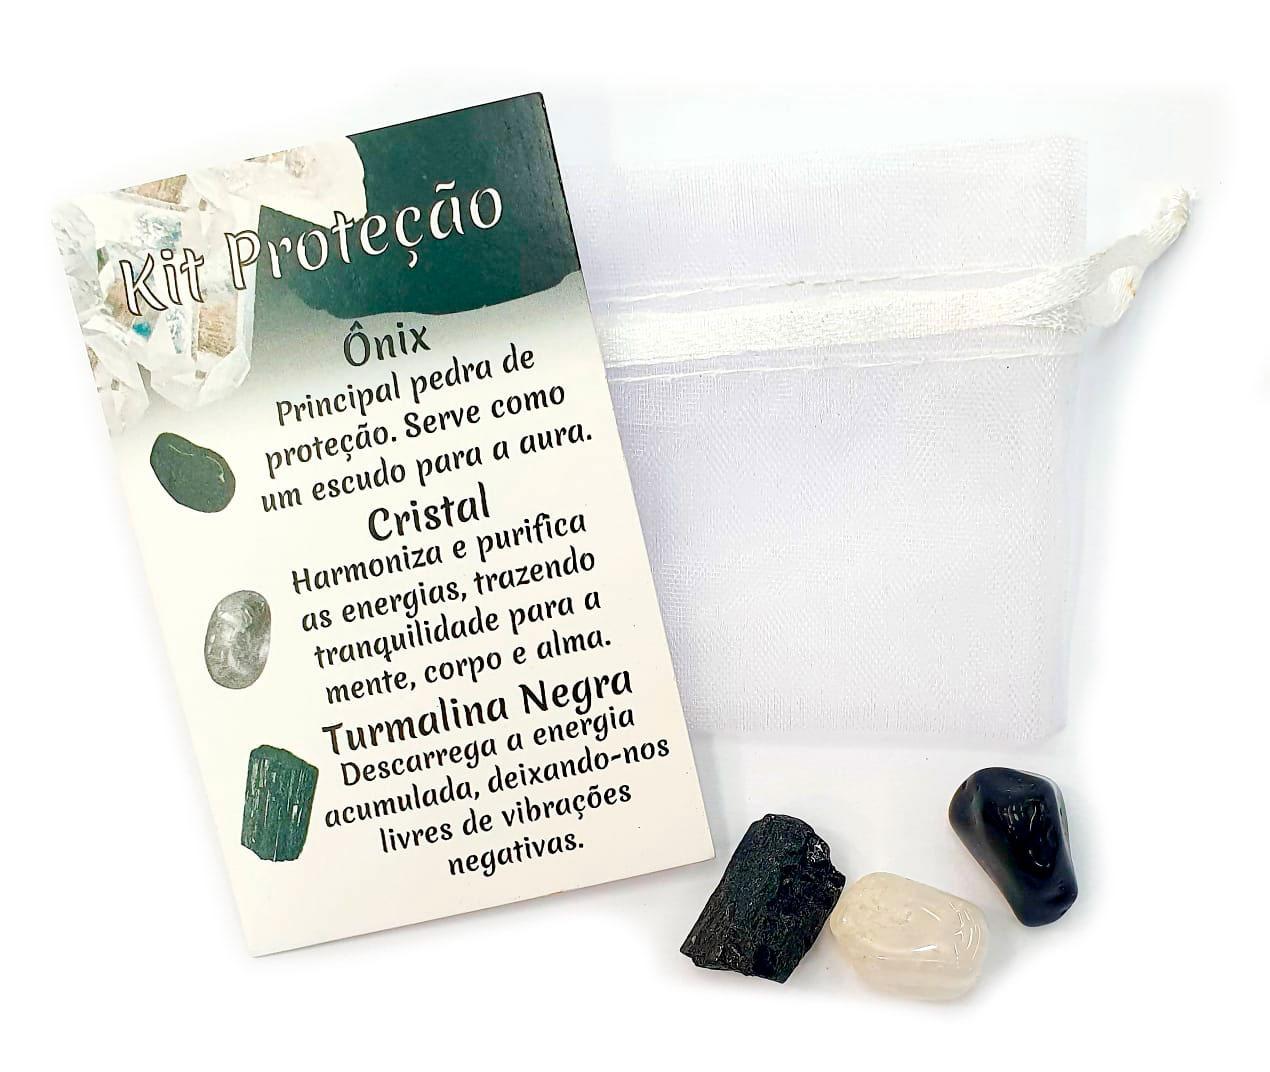 Kit de Proteção de Pedras Brasileiras